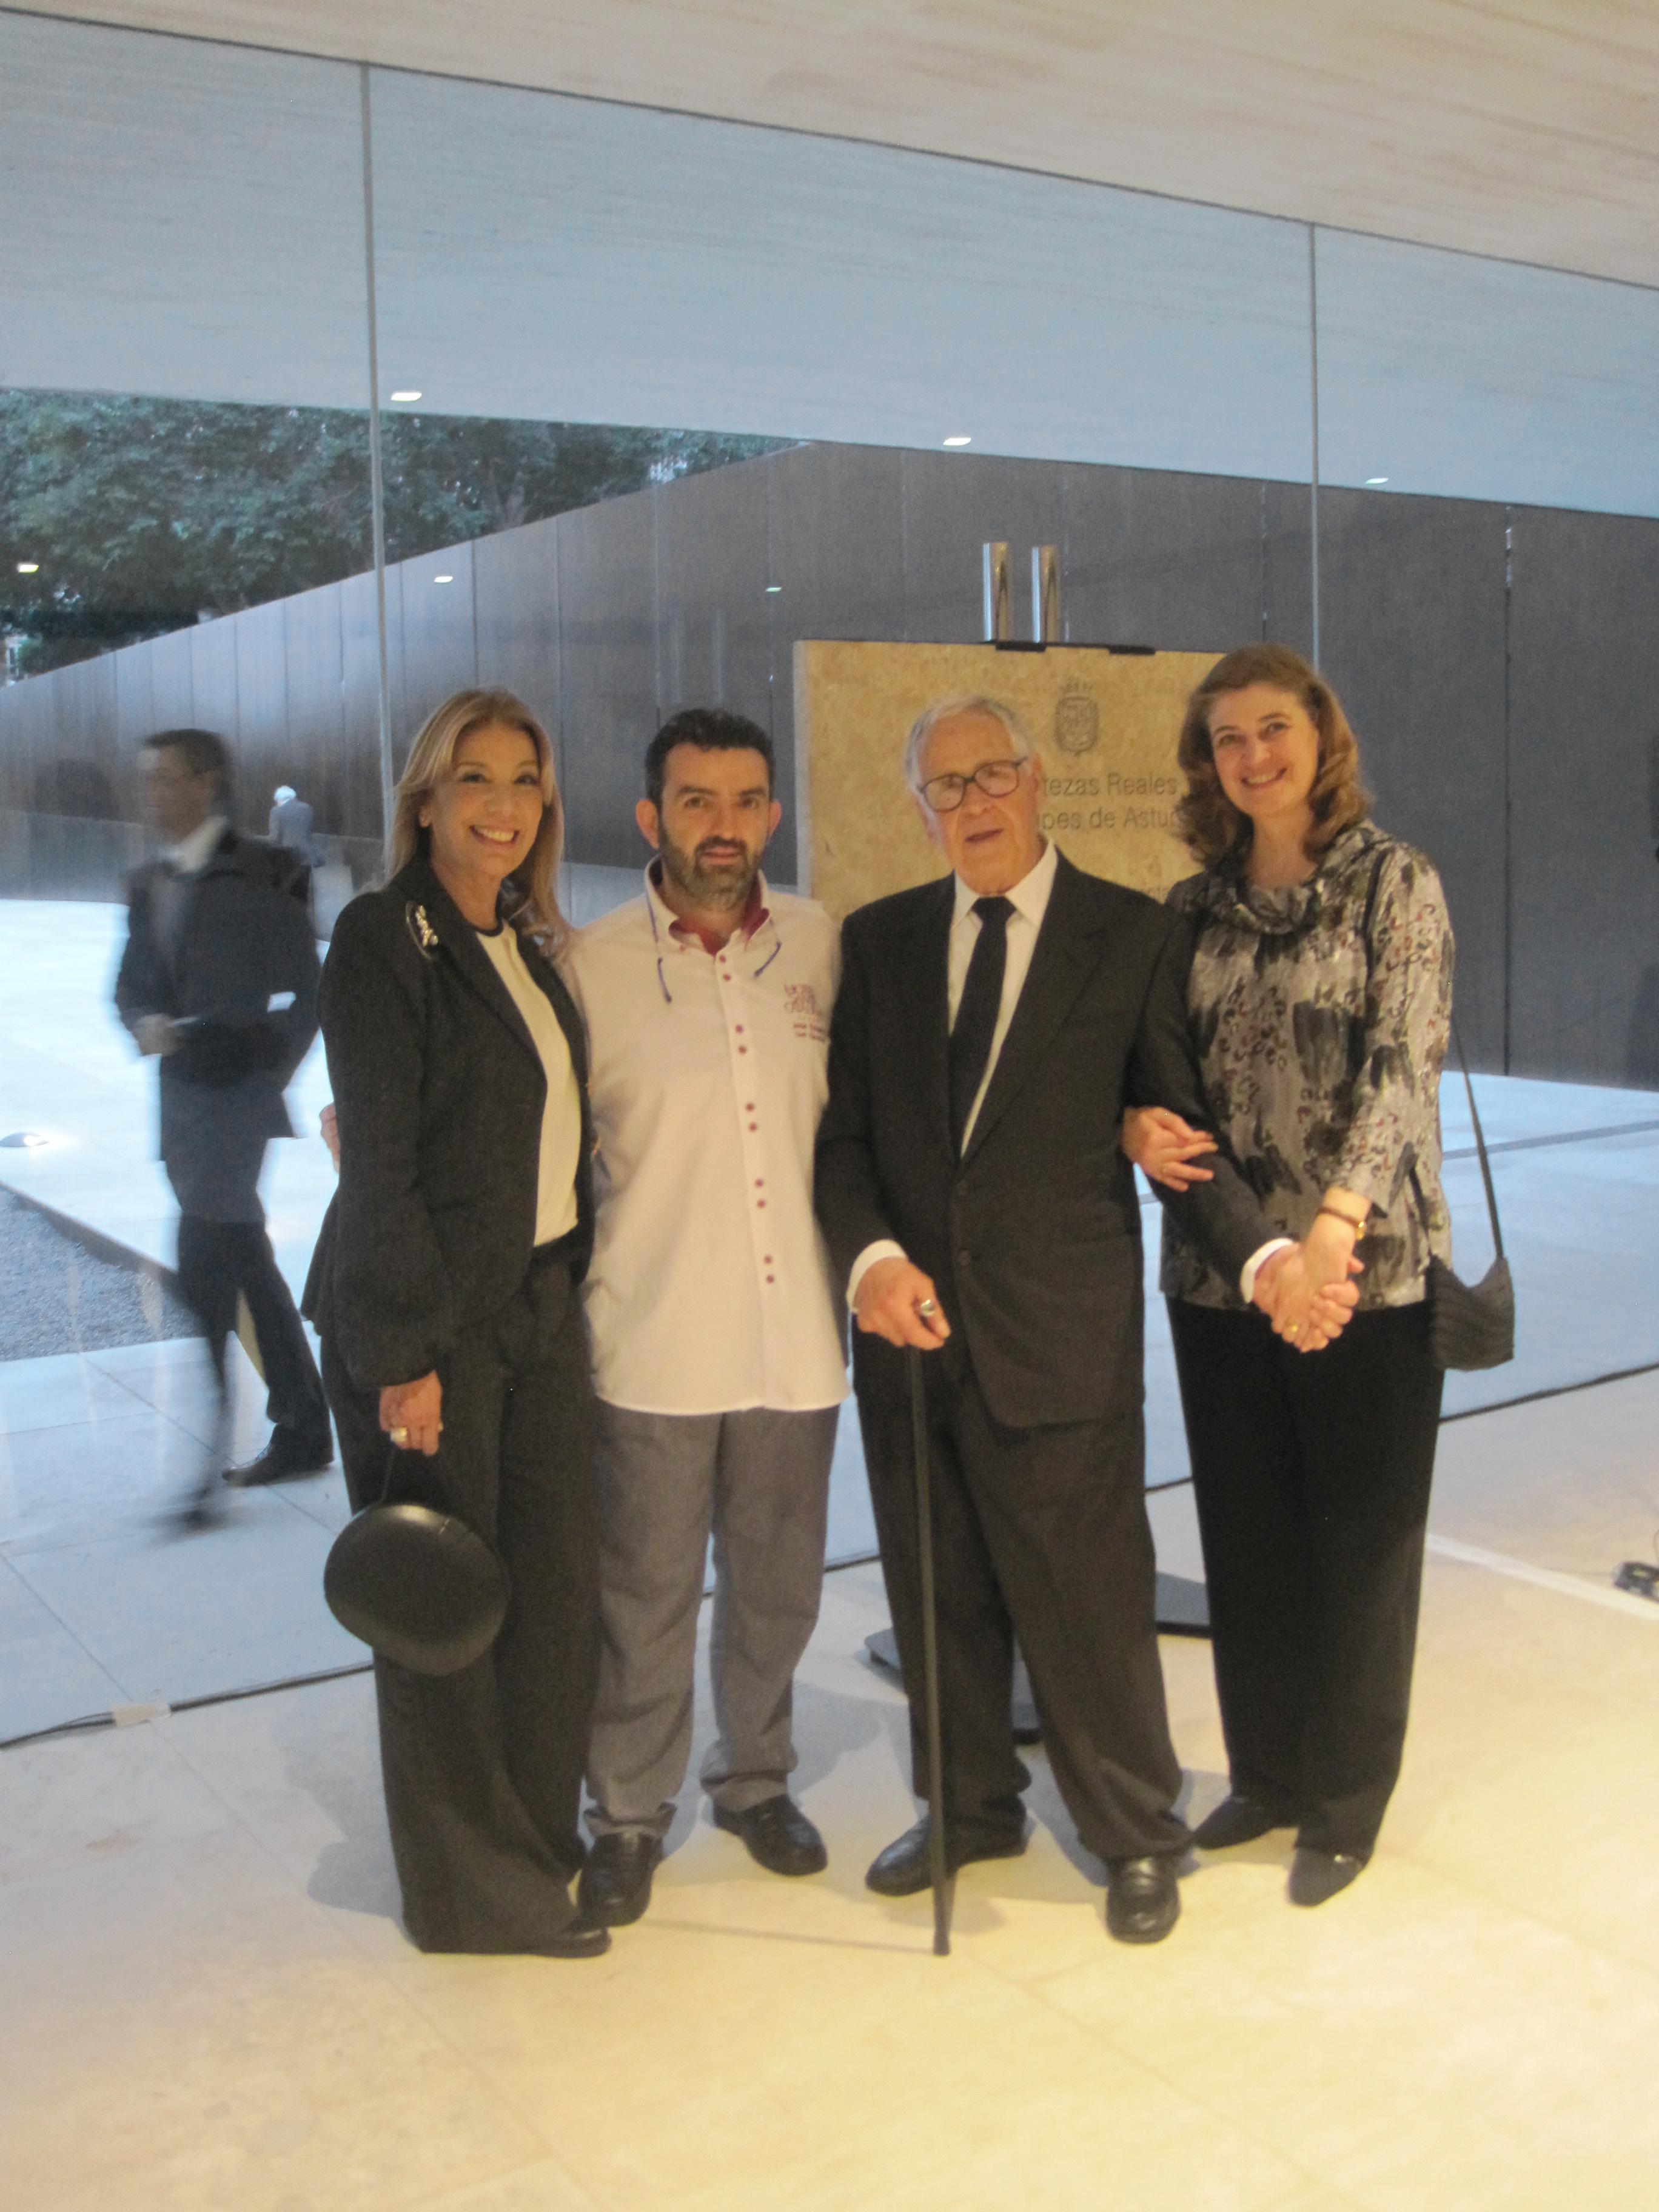 Rosi Curbelo, José Rojano, Martín y Marta Chirino